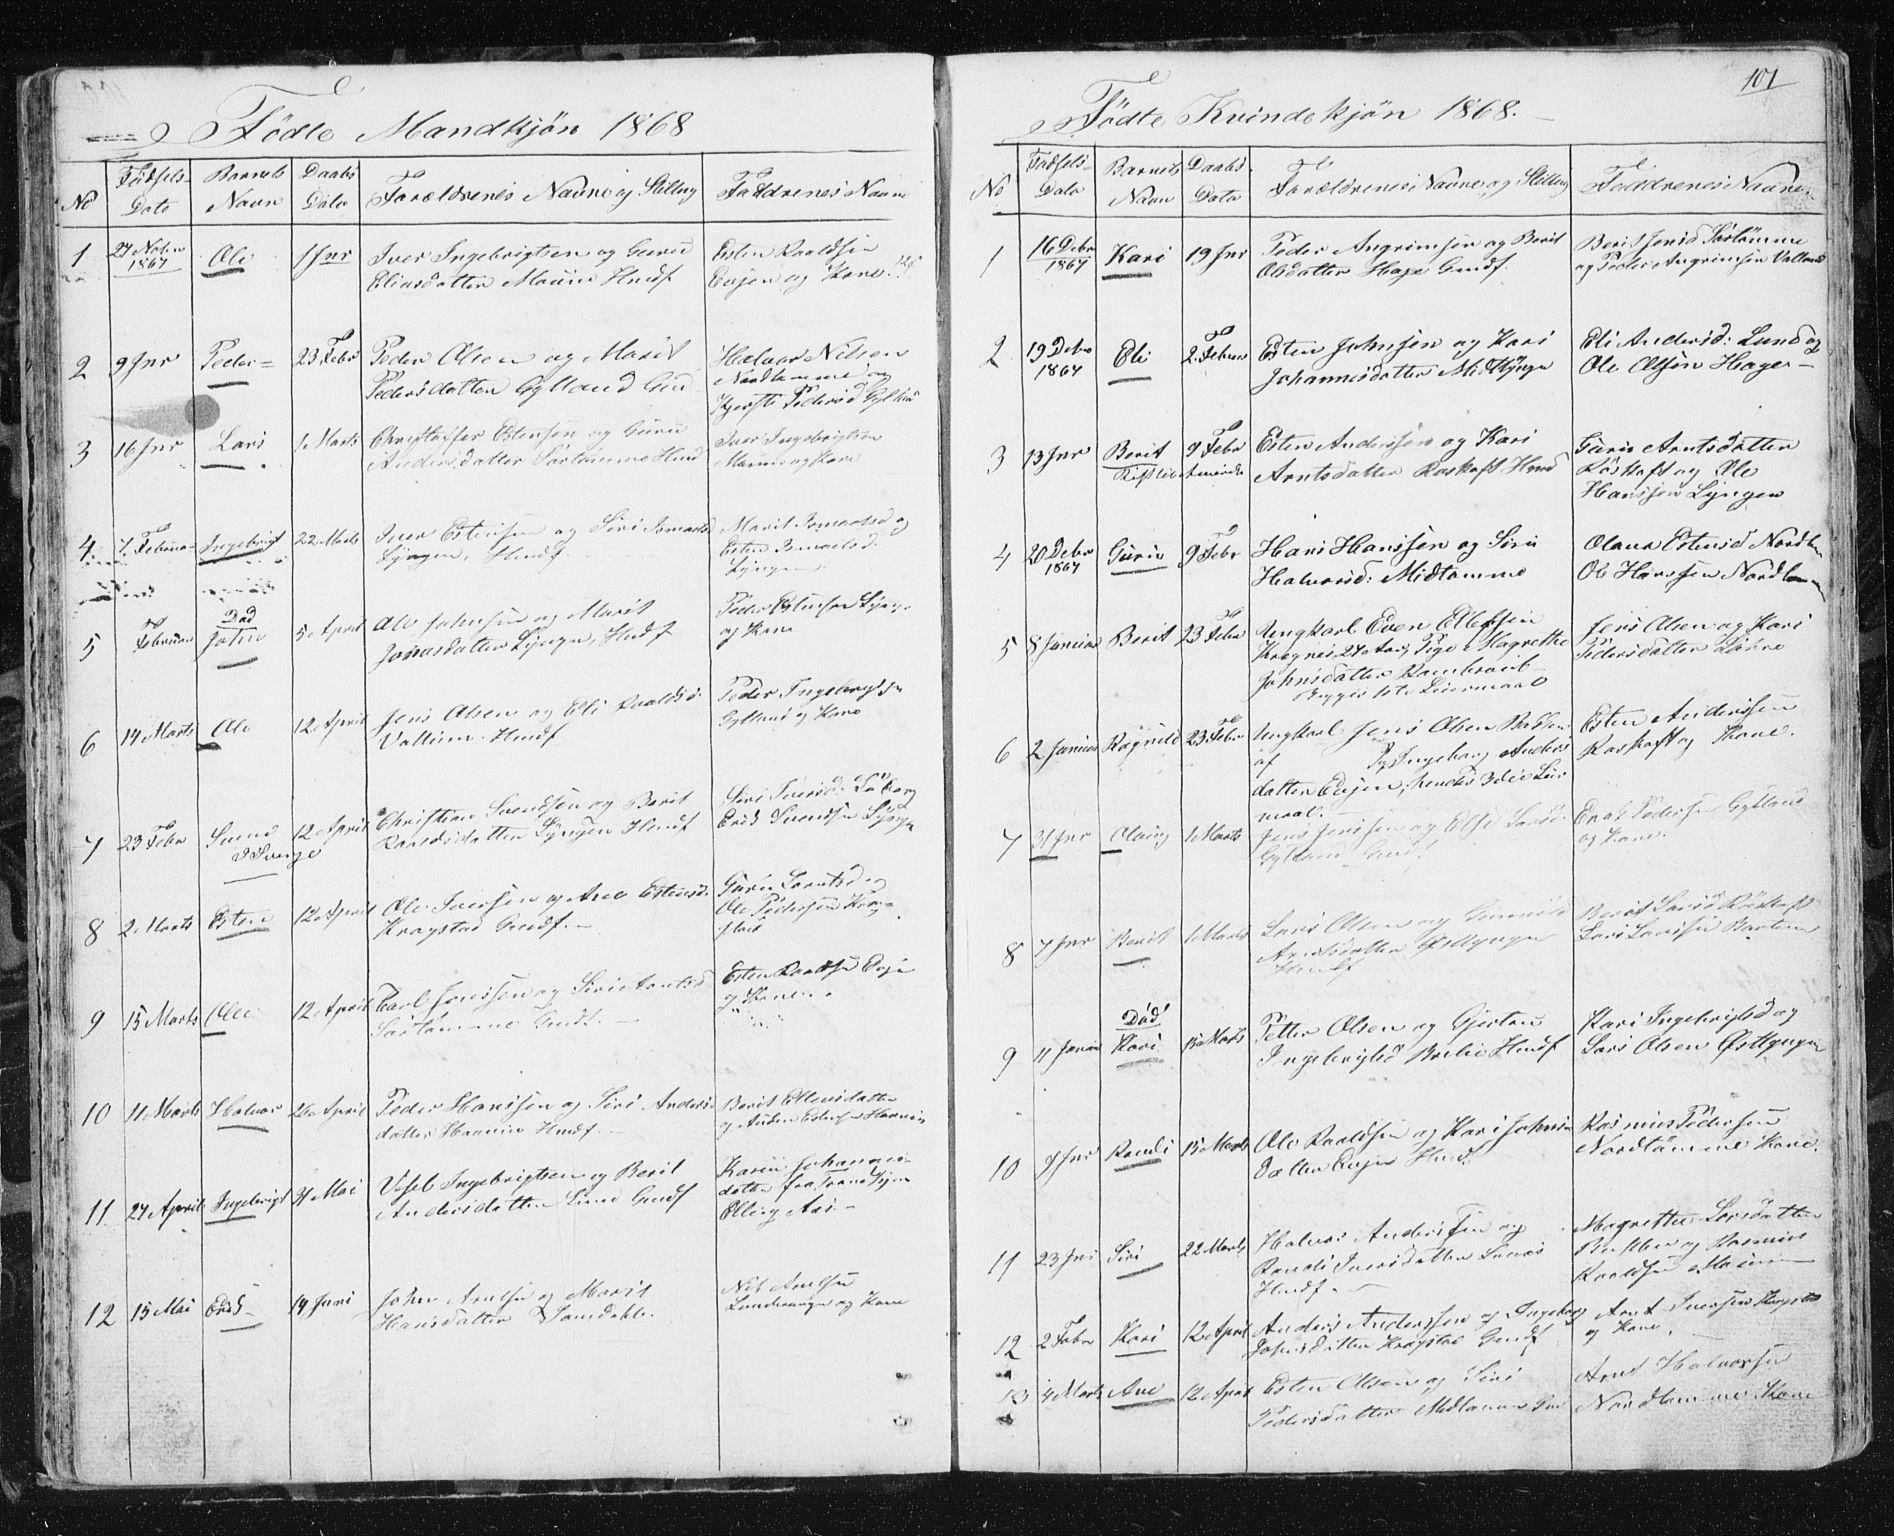 SAT, Ministerialprotokoller, klokkerbøker og fødselsregistre - Sør-Trøndelag, 692/L1110: Klokkerbok nr. 692C05, 1849-1889, s. 101